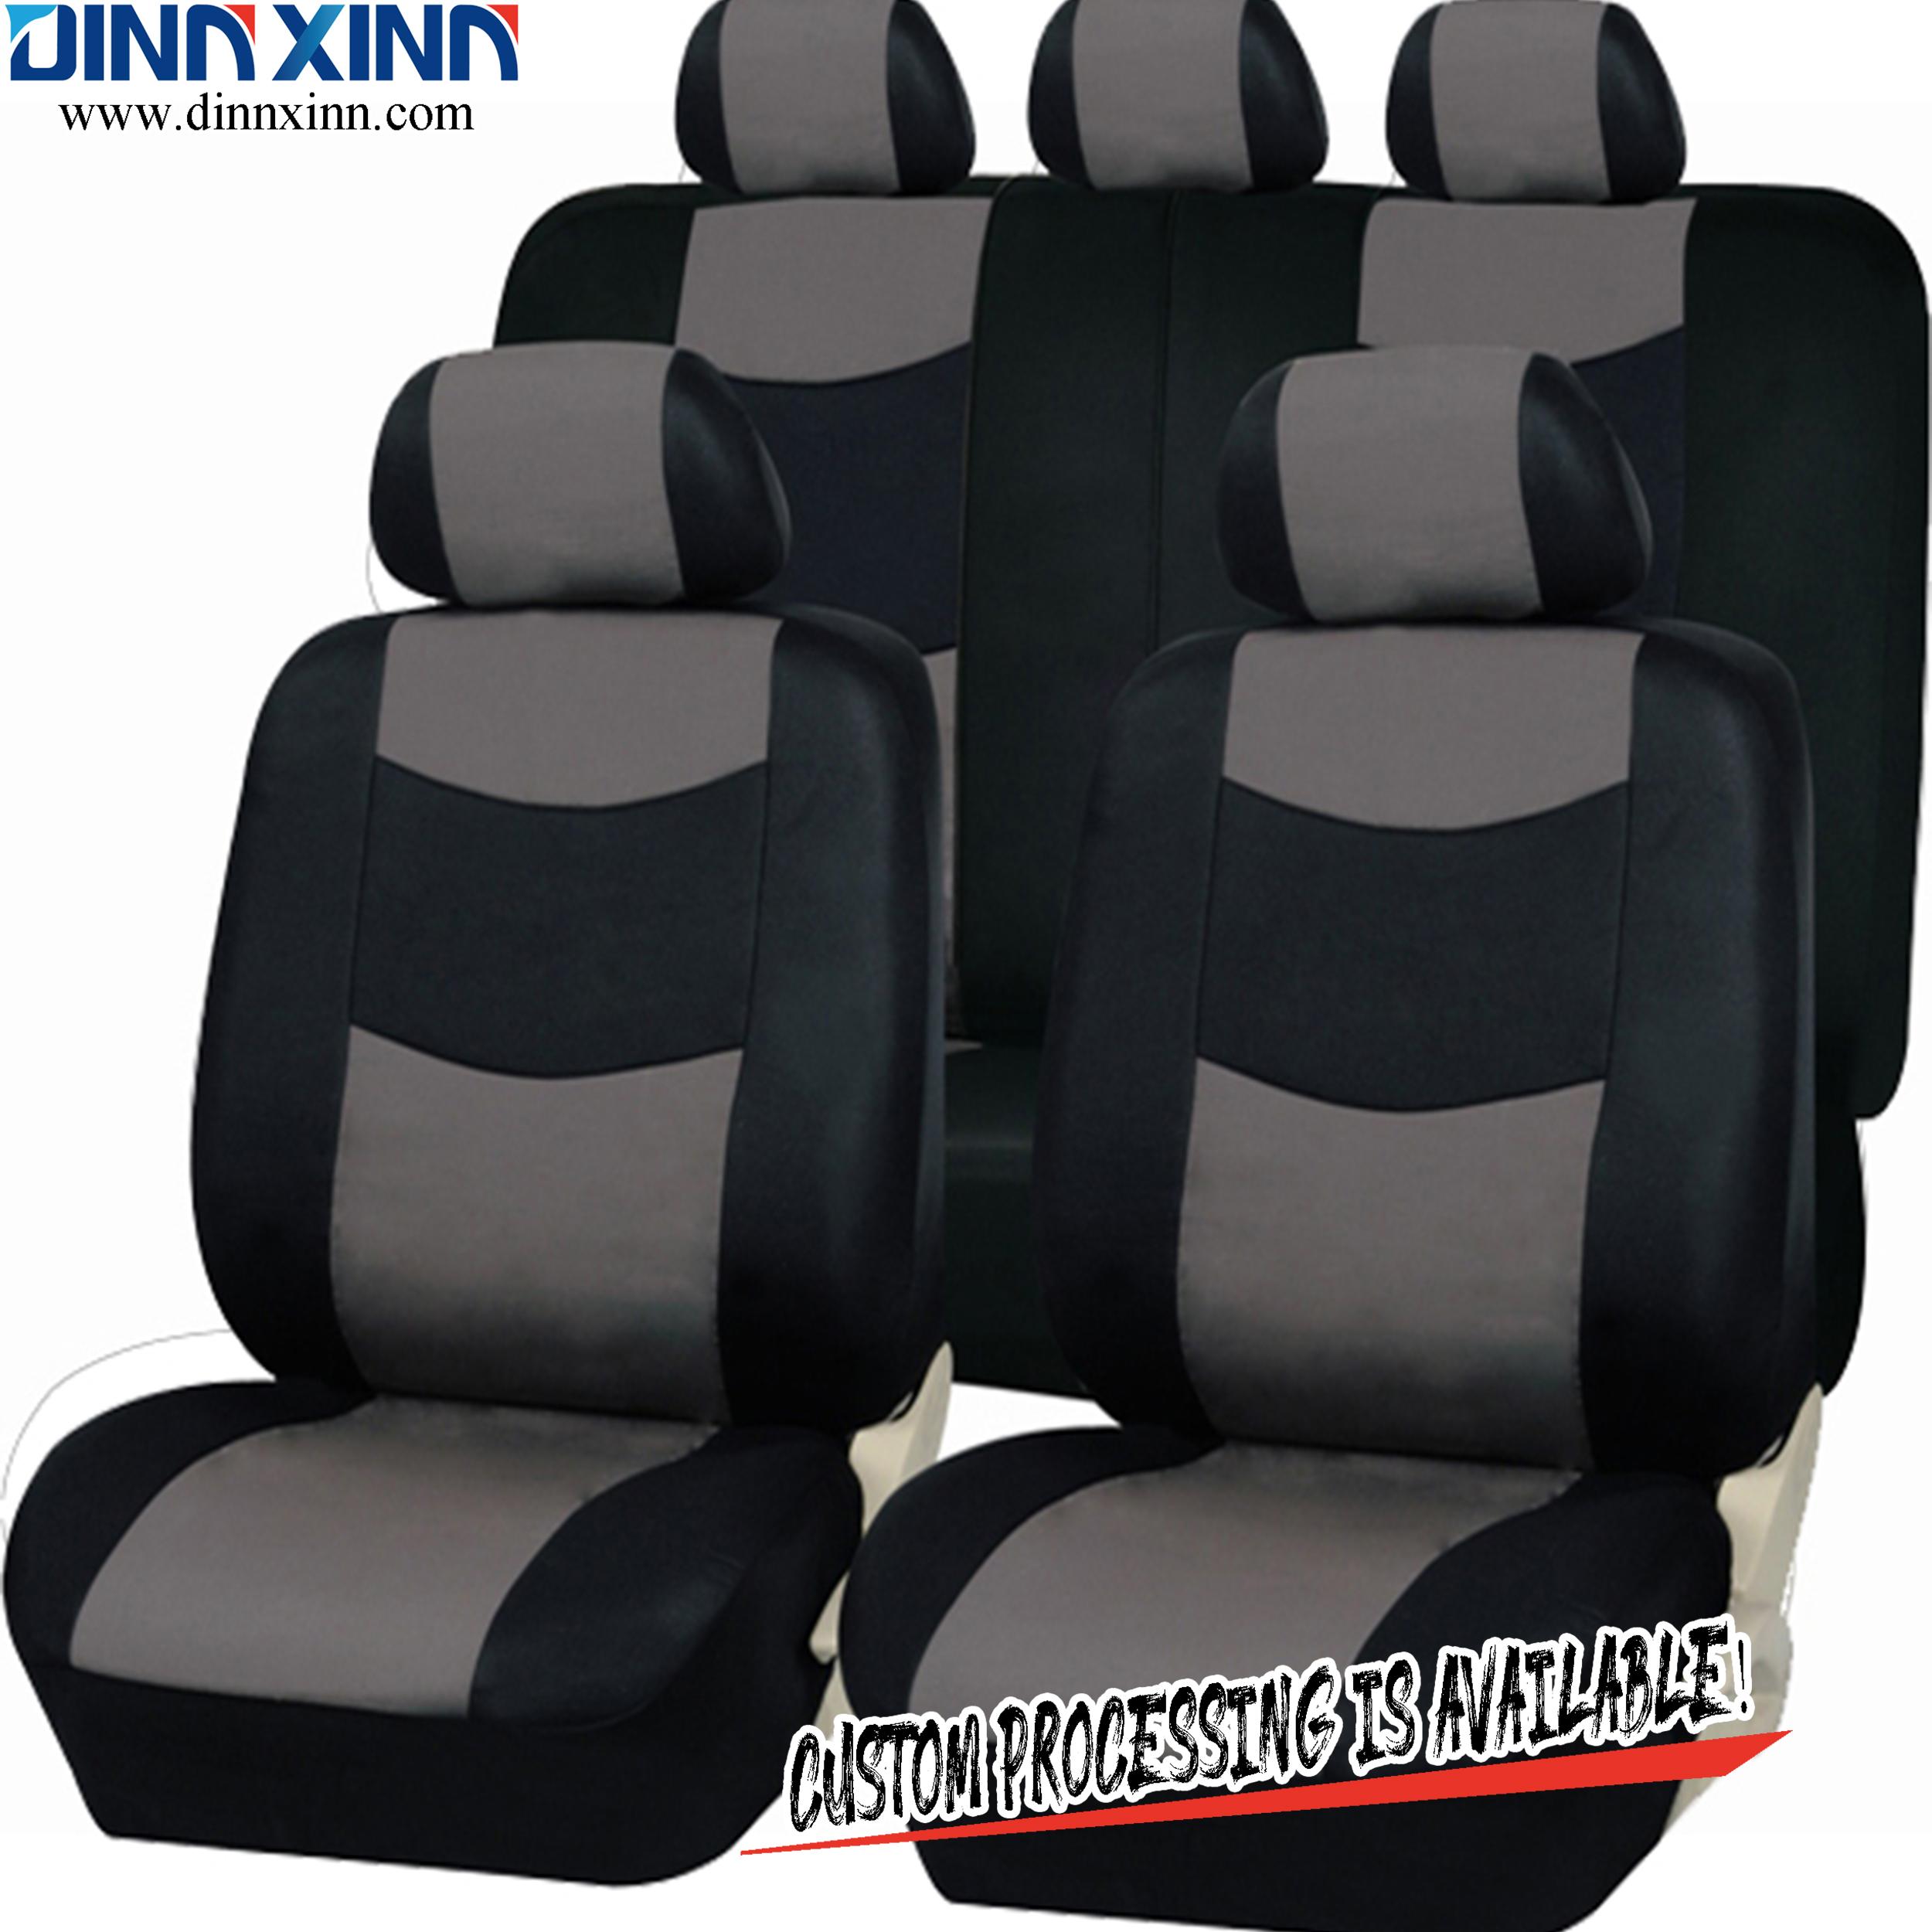 宁波DinnXinn奔驰全座9件套真皮标志307汽车座套批发